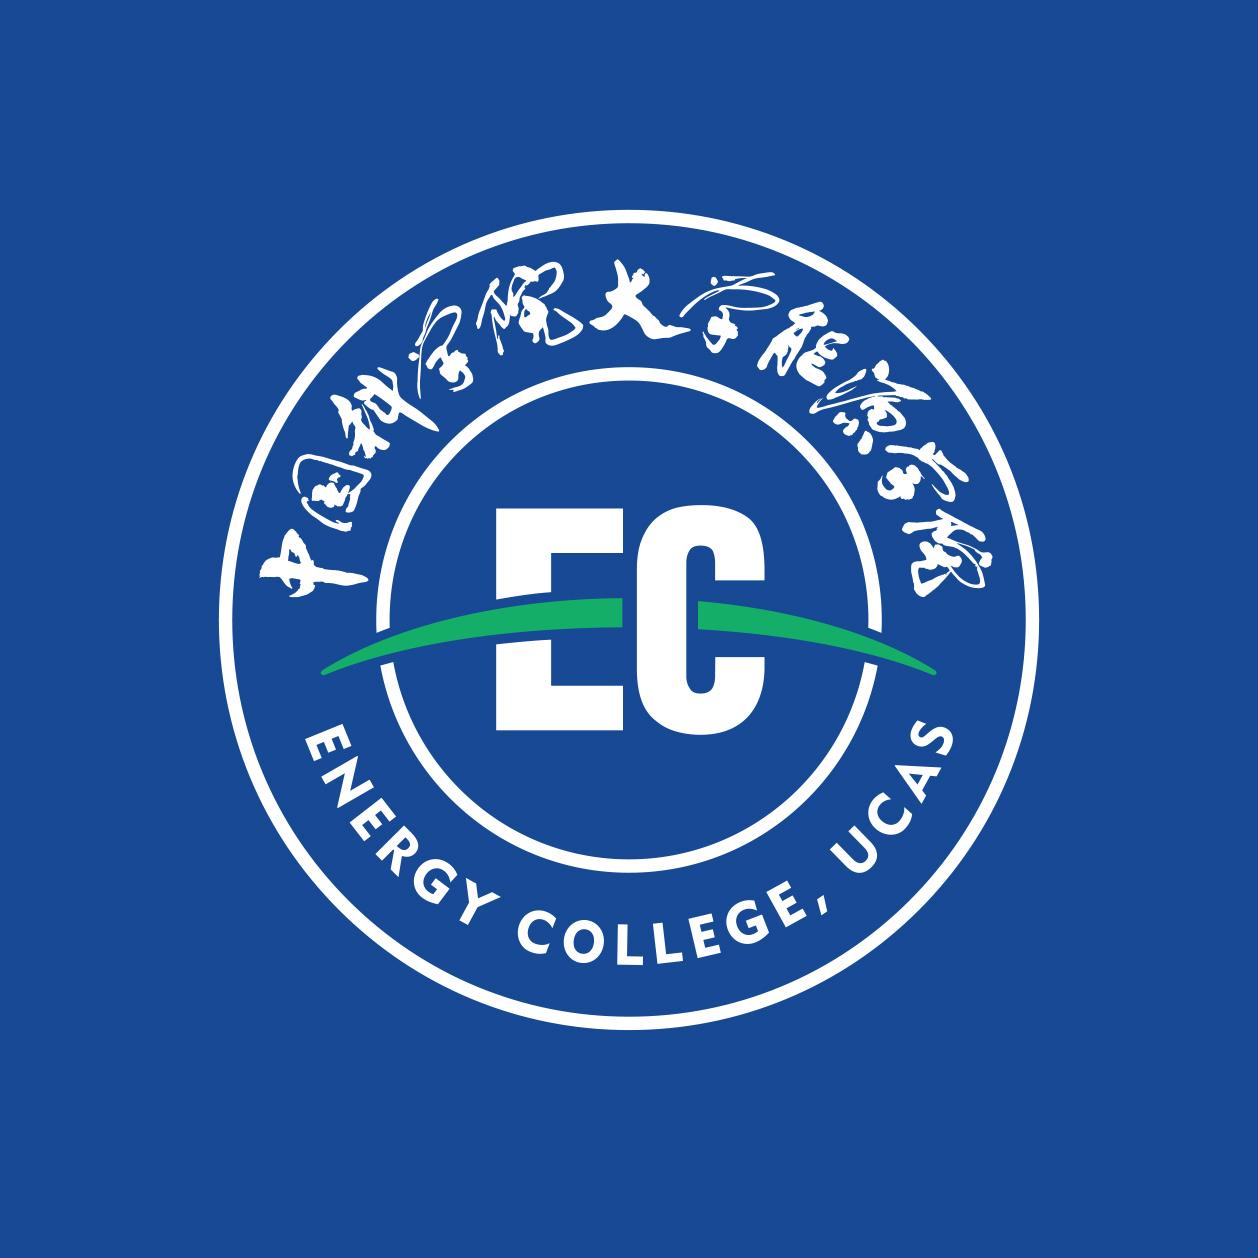 中国科学院大学能源学院LOGO、校徽及品牌视觉呈现规范化设计,创意共和设计作品